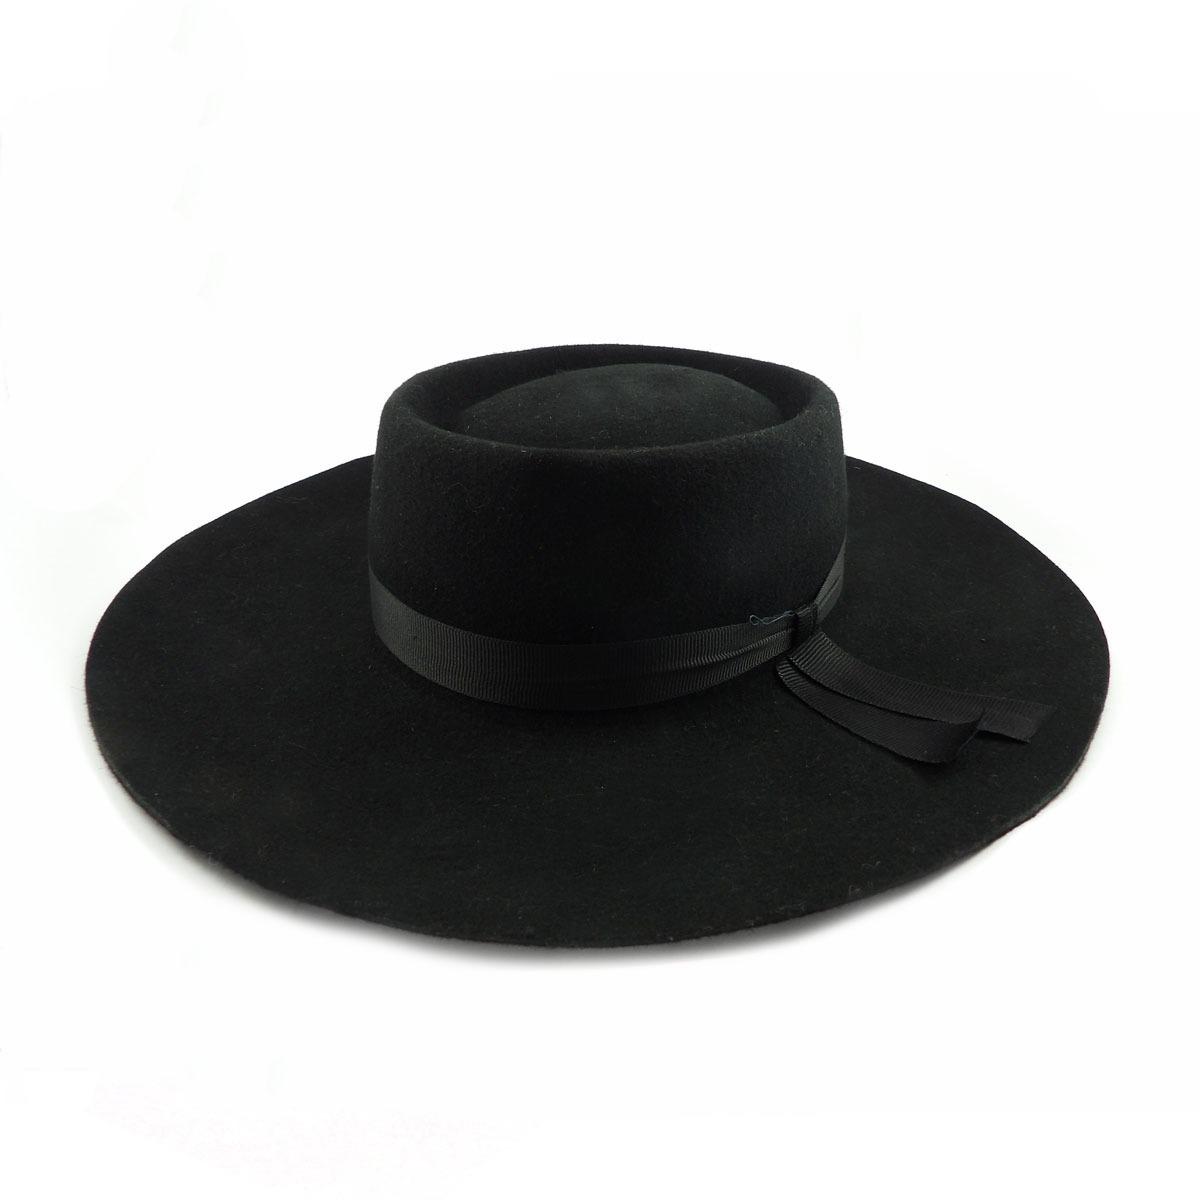 a067d1258e980 sombrero de paño para hombre campero calidad crespo. Cargando zoom.